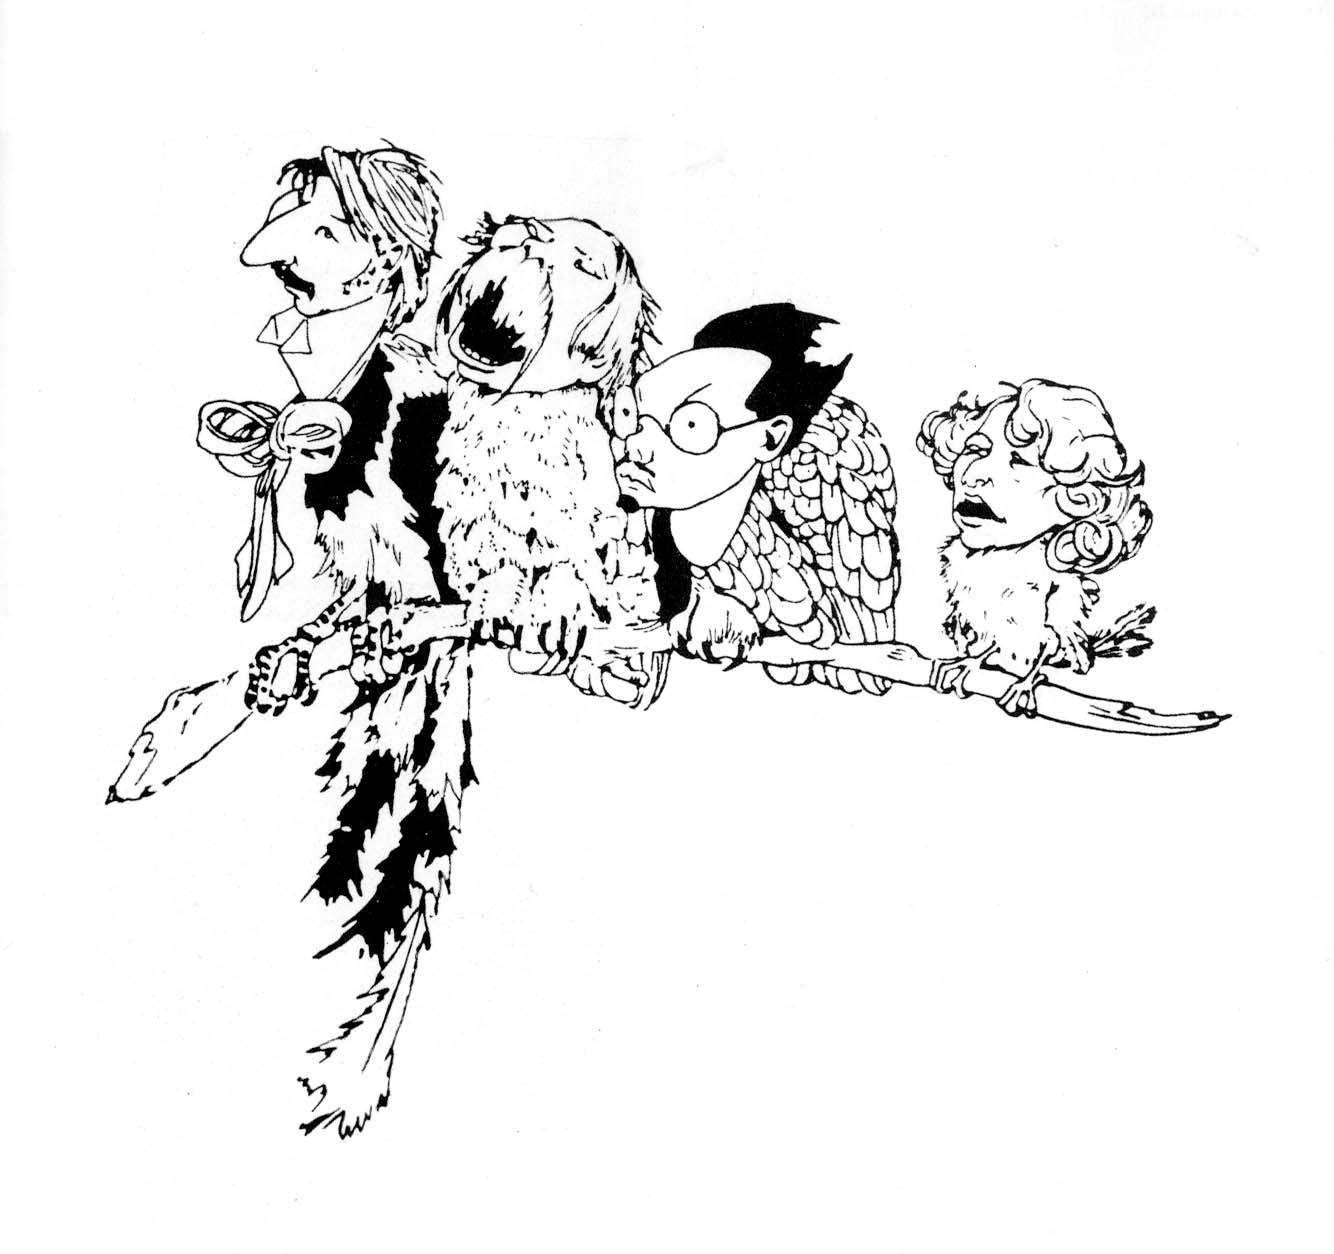 """КАРИКАТУРА НА УЧАСТНИКОВ """"КРАСЫ"""". СЛЕВА-НАПРАВО: ГОРОДЕЦКИЙ, КЛЮЕВ, РЕМИЗОВ, ЕСЕНИН"""